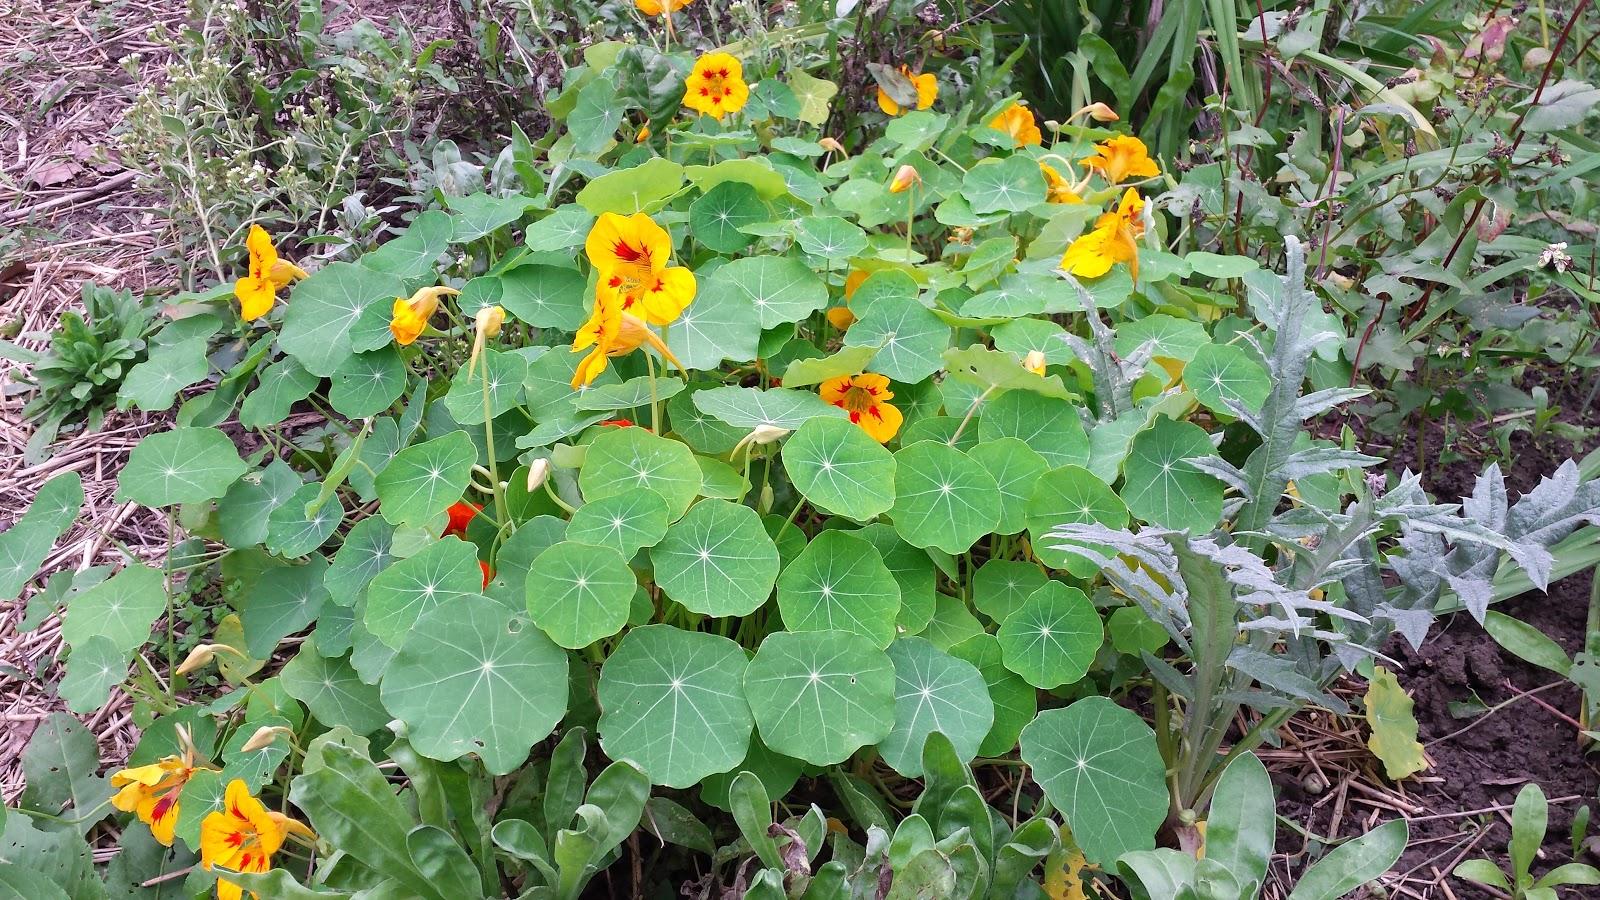 Mješovita sadnja povrća, cvijeća i lijekovitog bilja u organskom vrtu